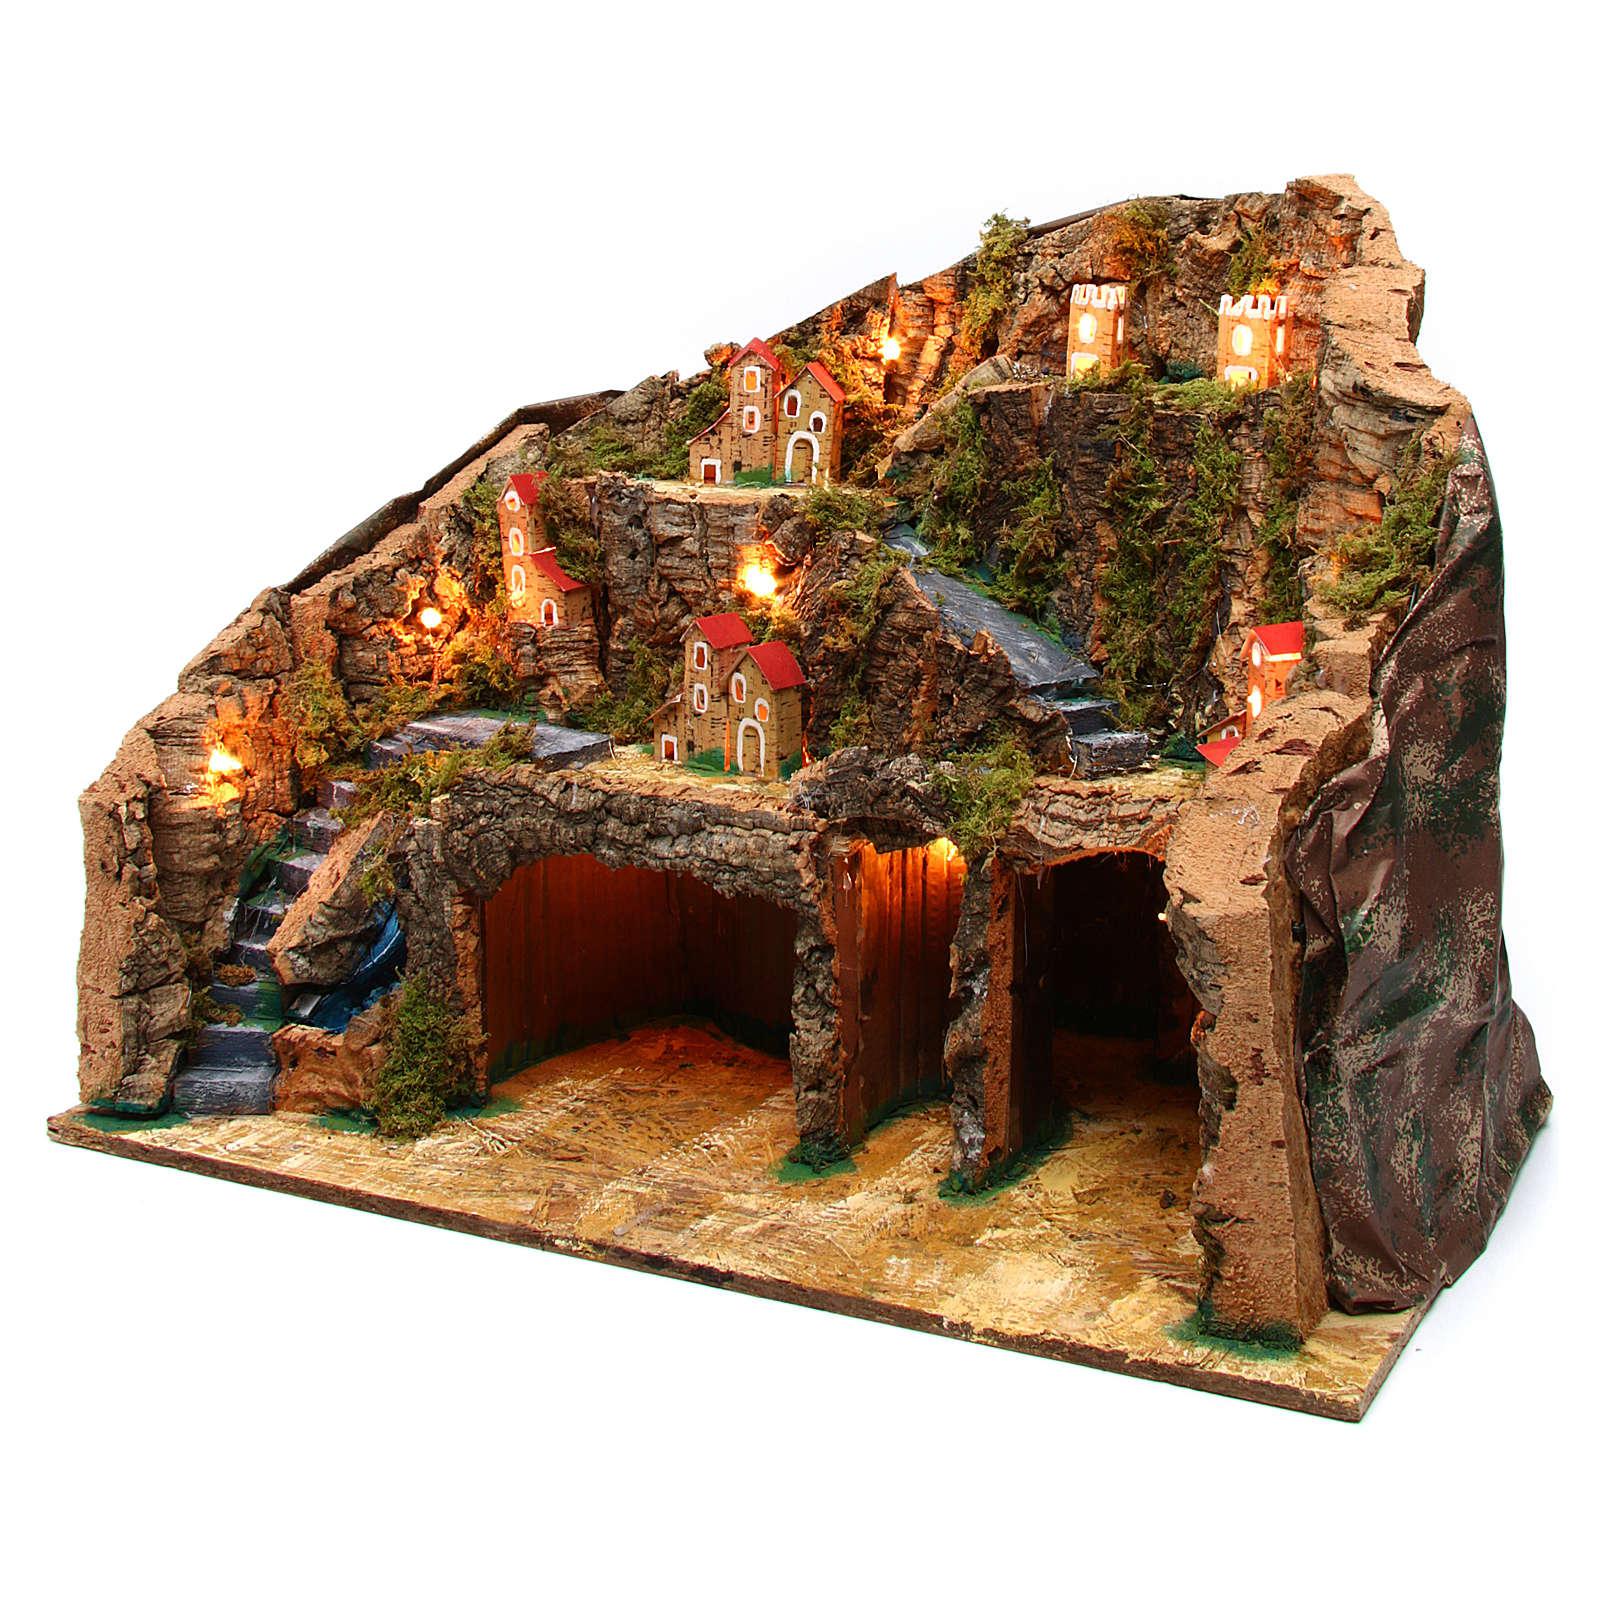 Village 60x35x40 cm for Nativity Scene 10-12 cm 4